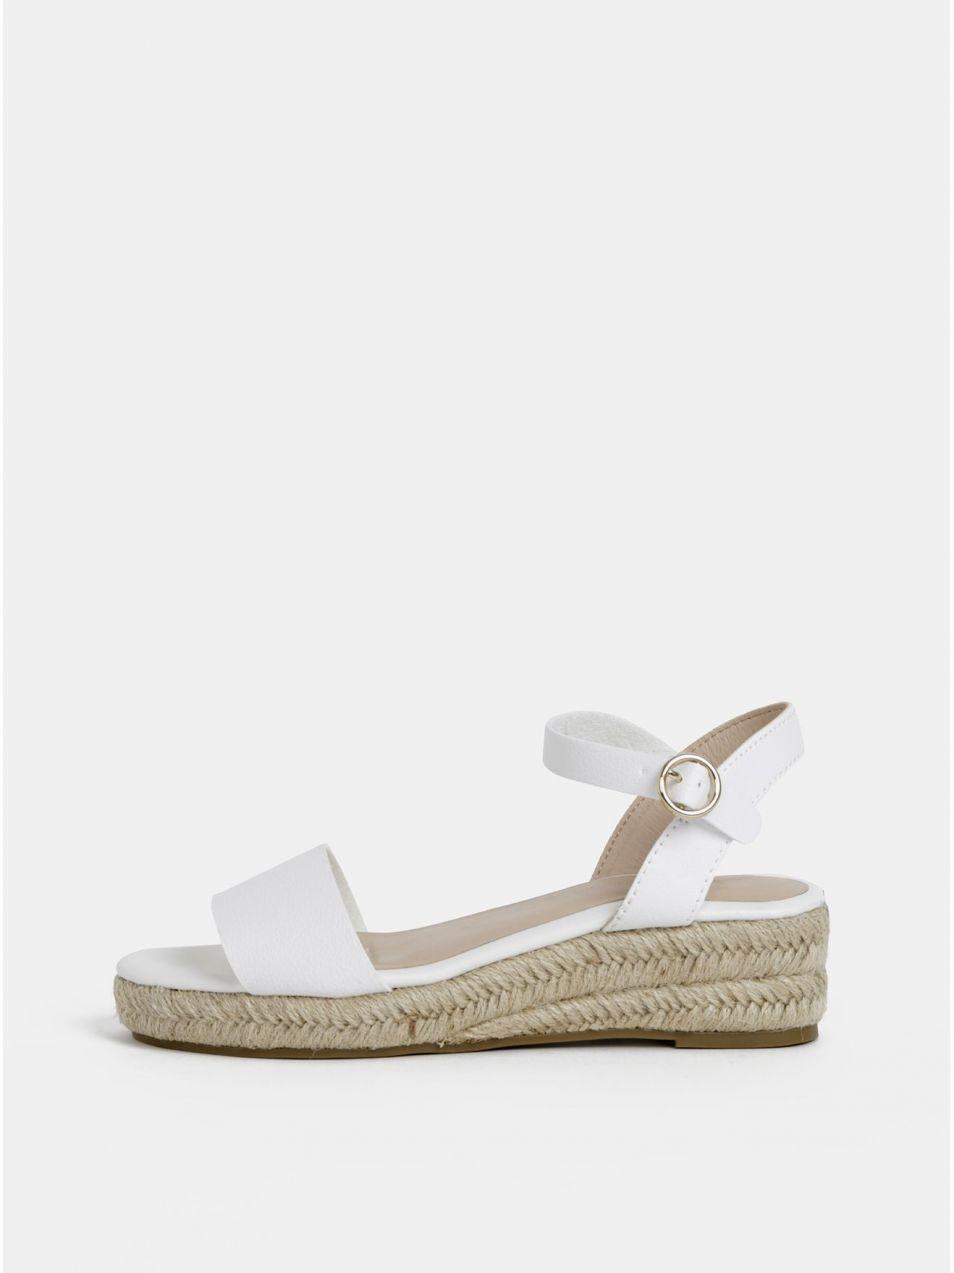 186f07fa2e9d Biele sandále Dorothy Perkins značky Dorothy Perkins - Lovely.sk